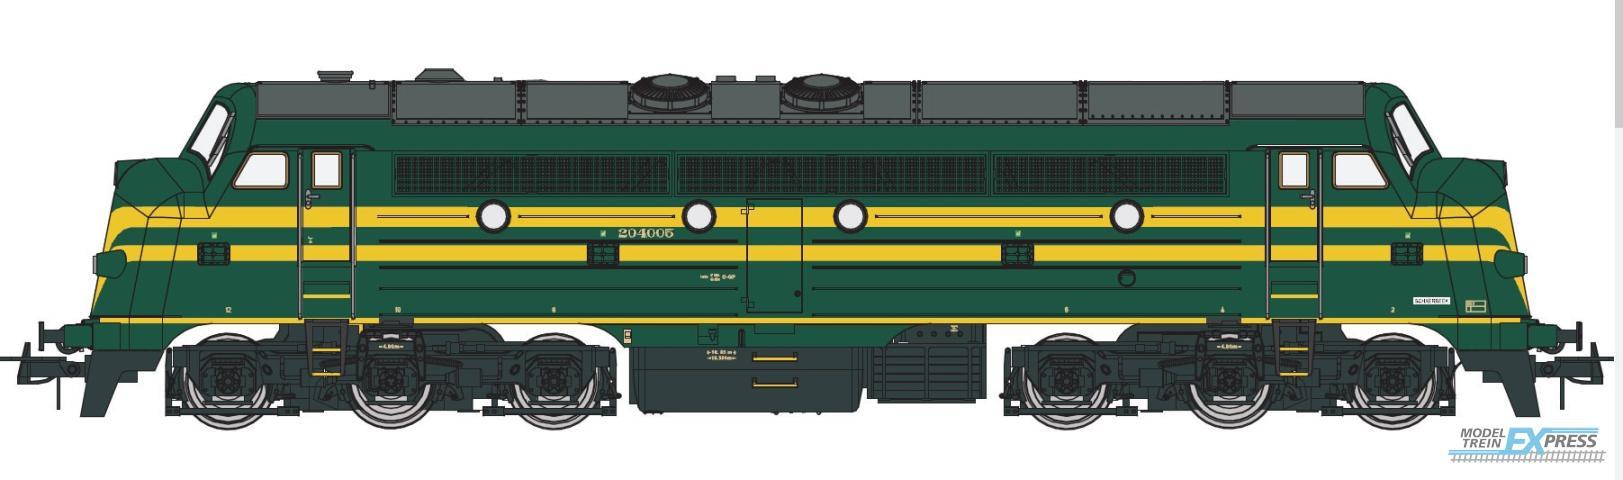 B-Models 9215.02